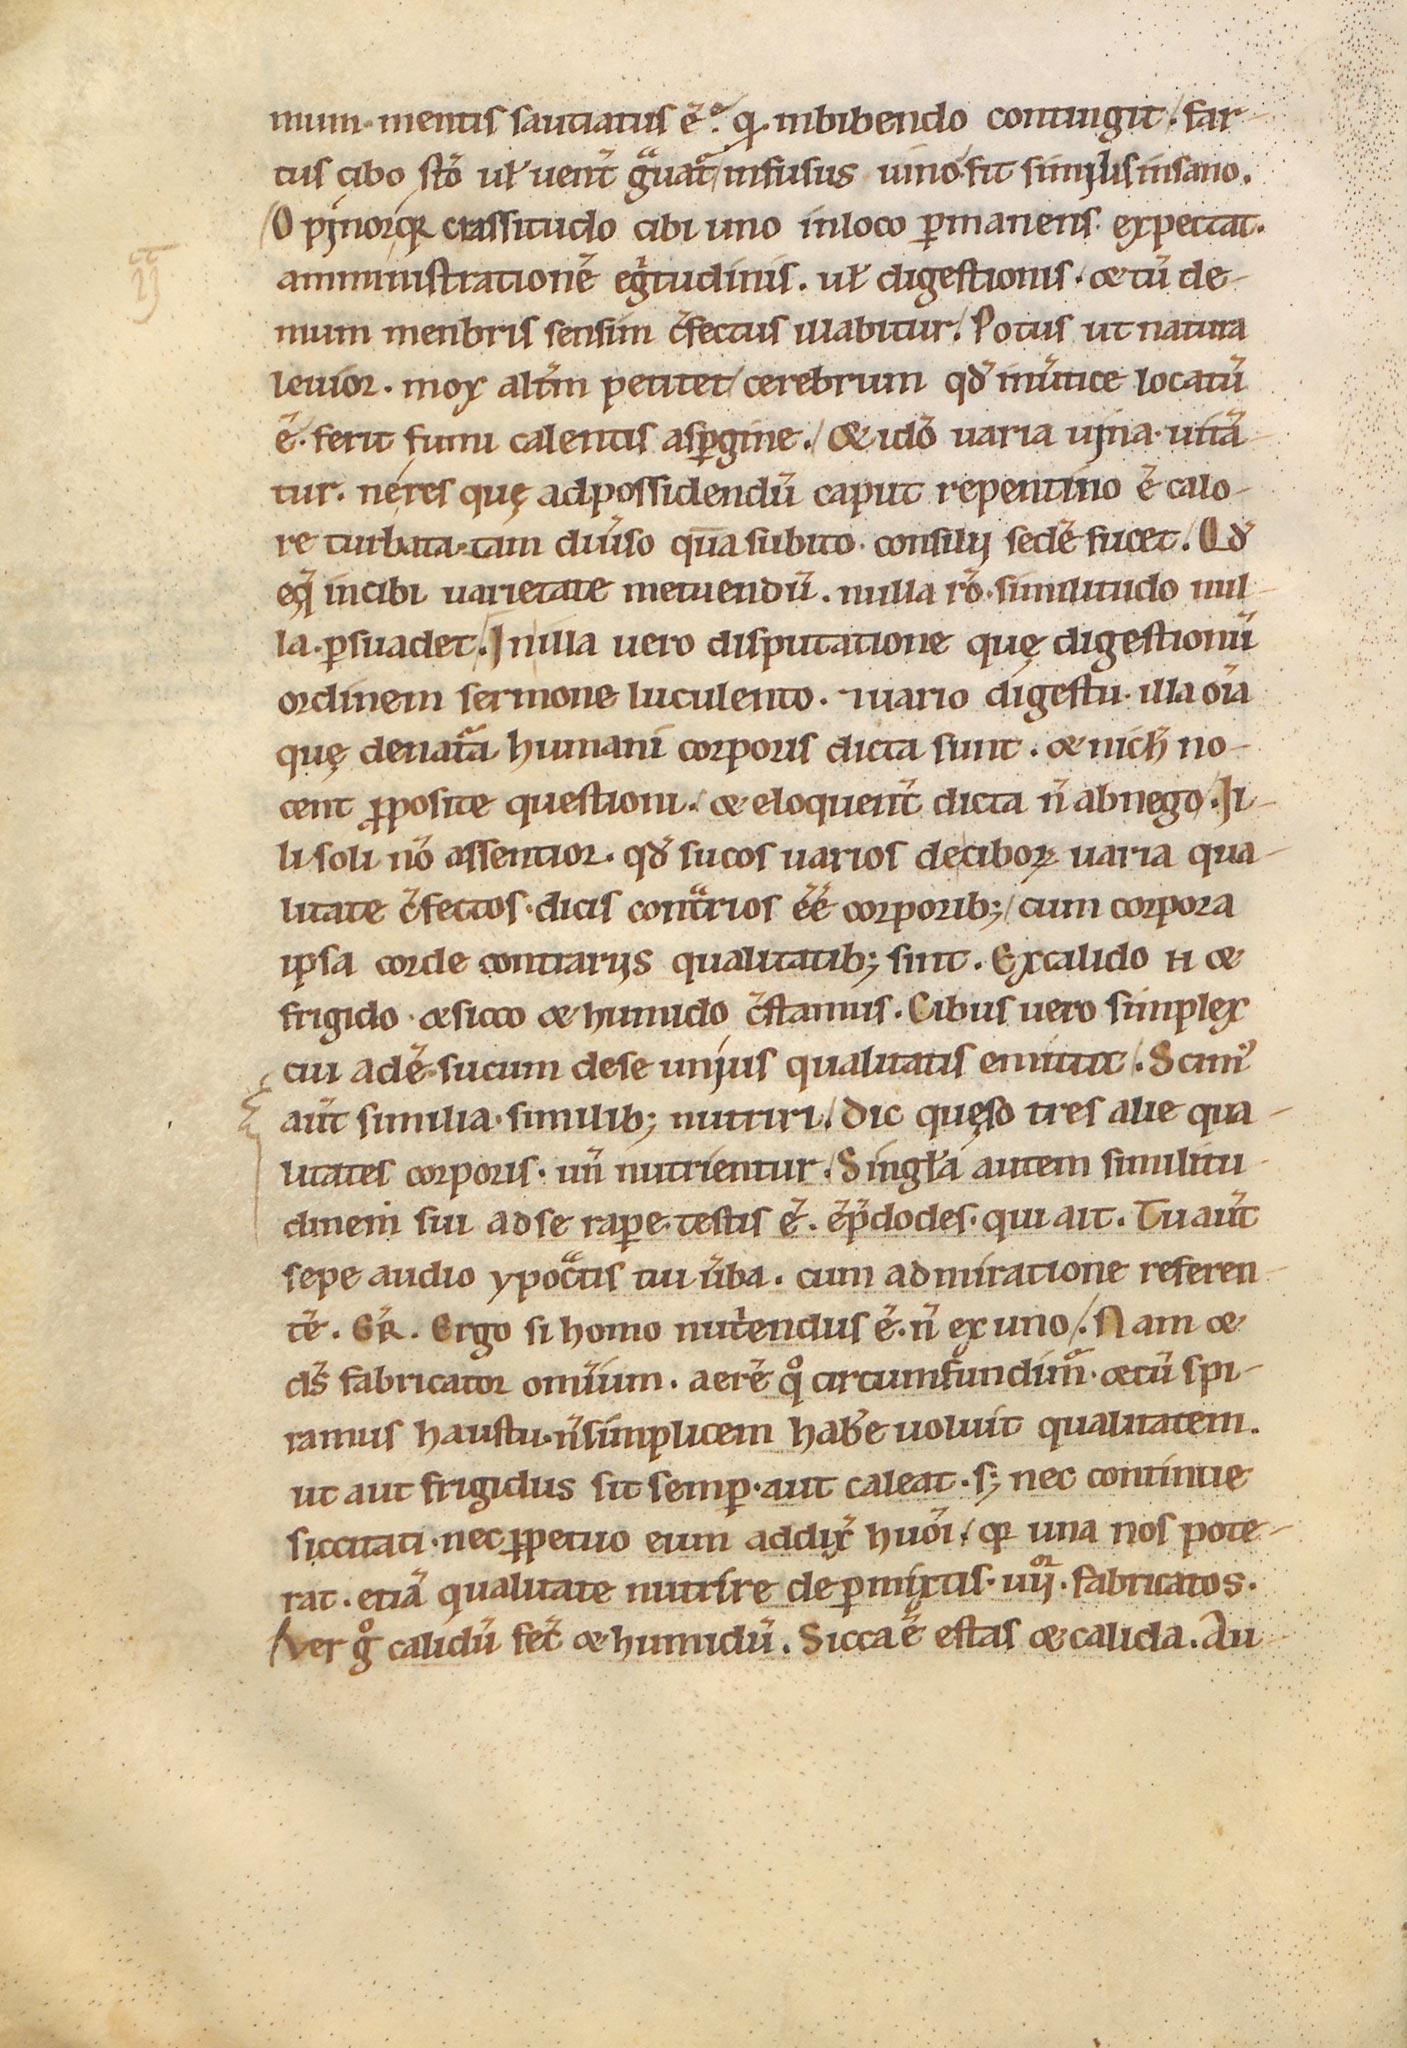 Manuscrit-Saturnales-111v°